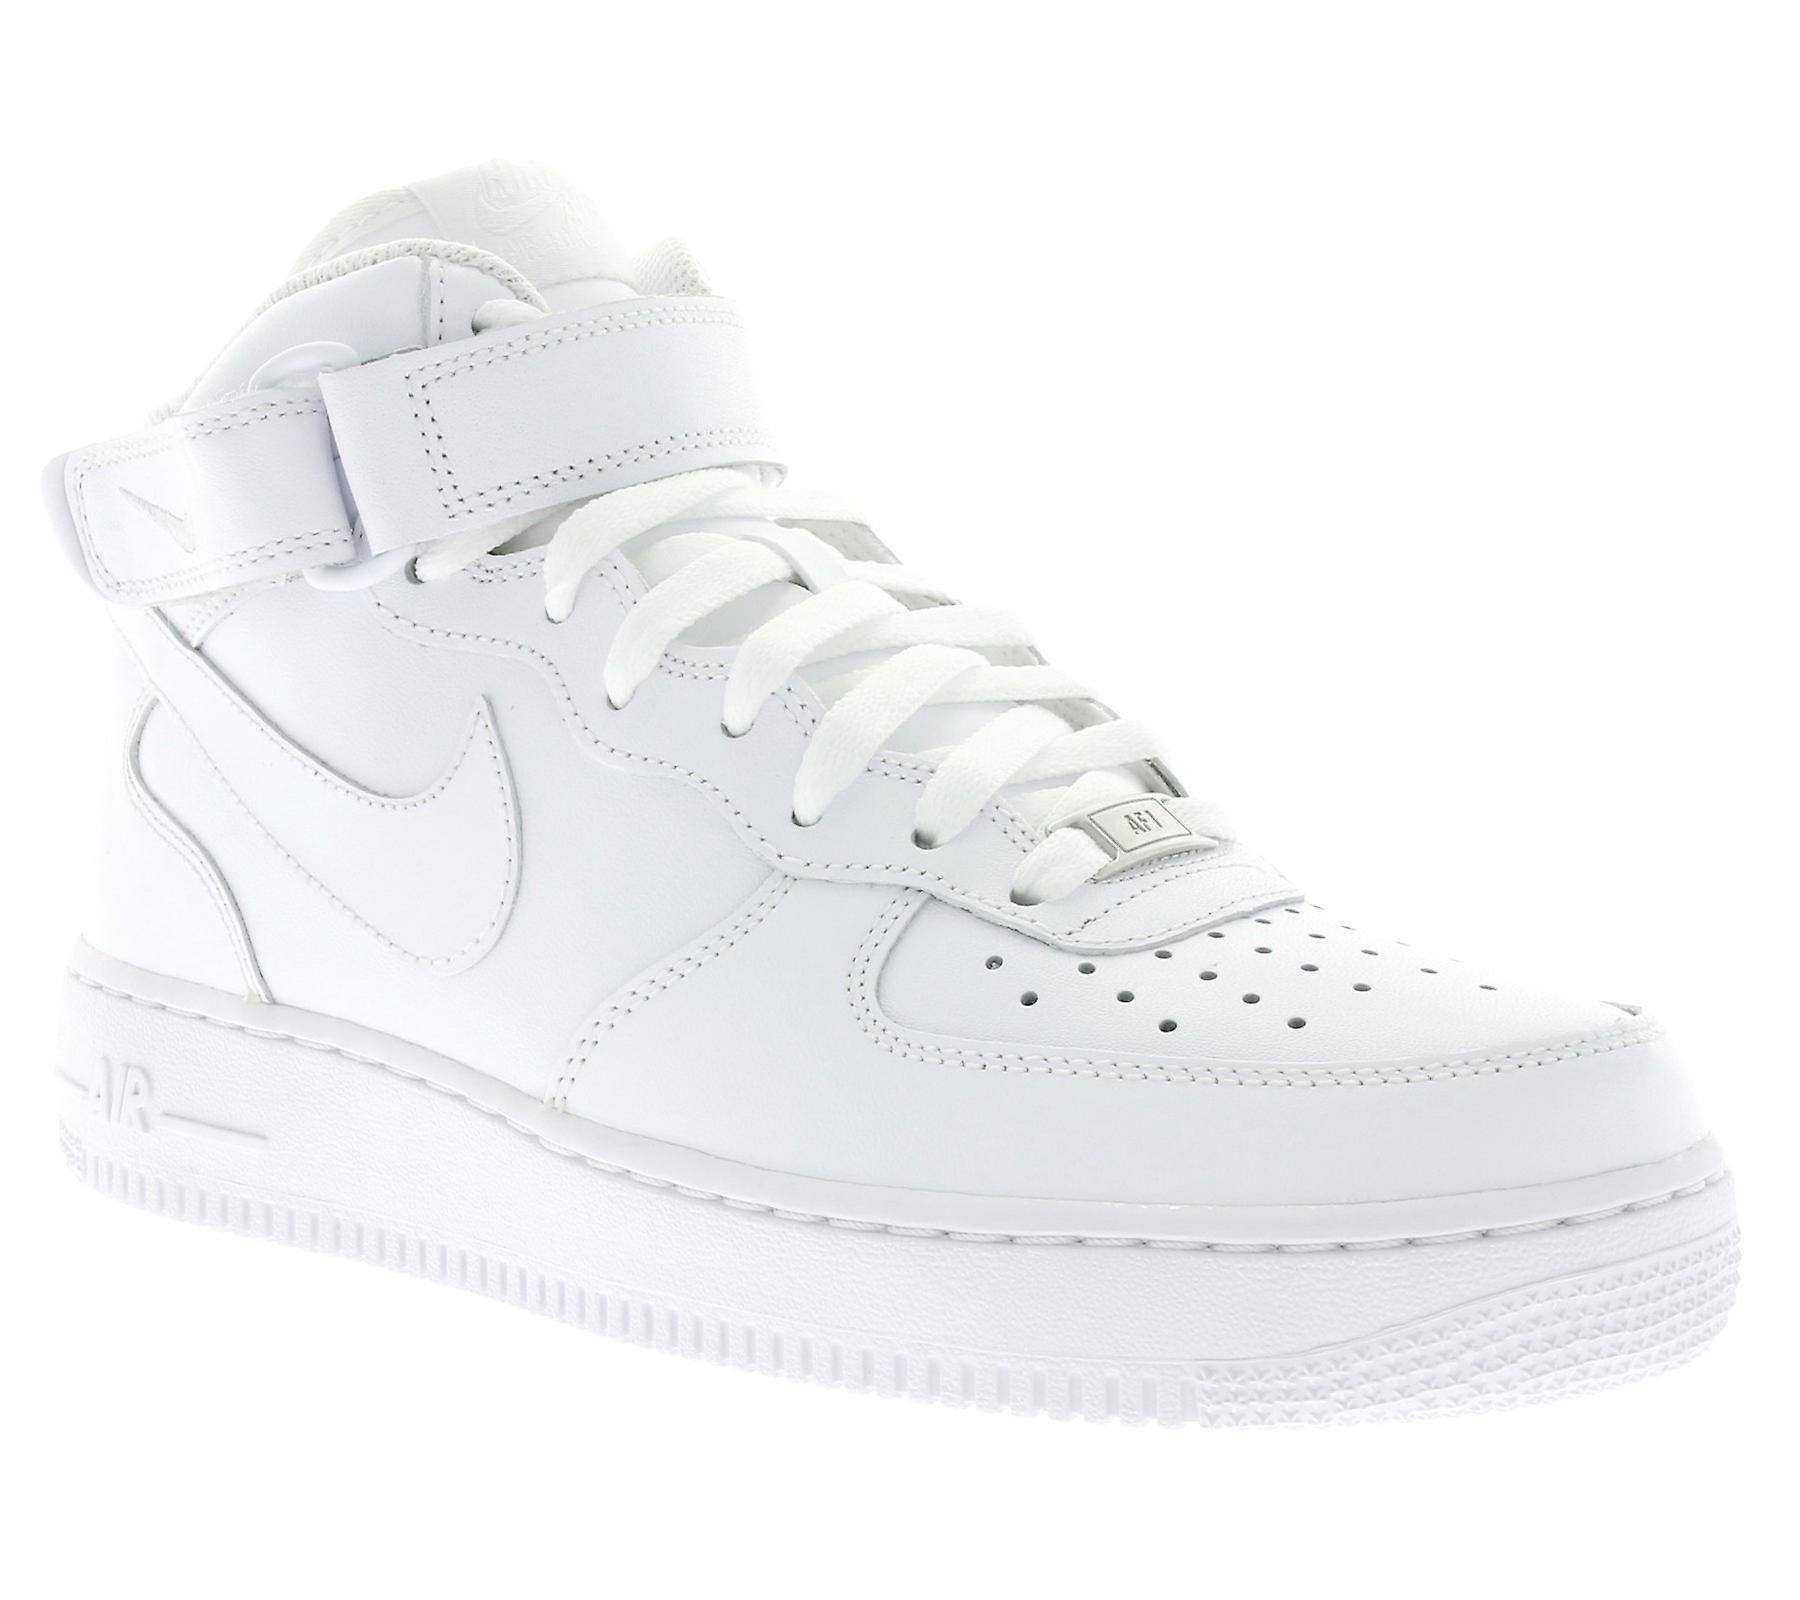 NIKE air force 1 MID ' 07 schoenen heren sneakers wit 315123 111